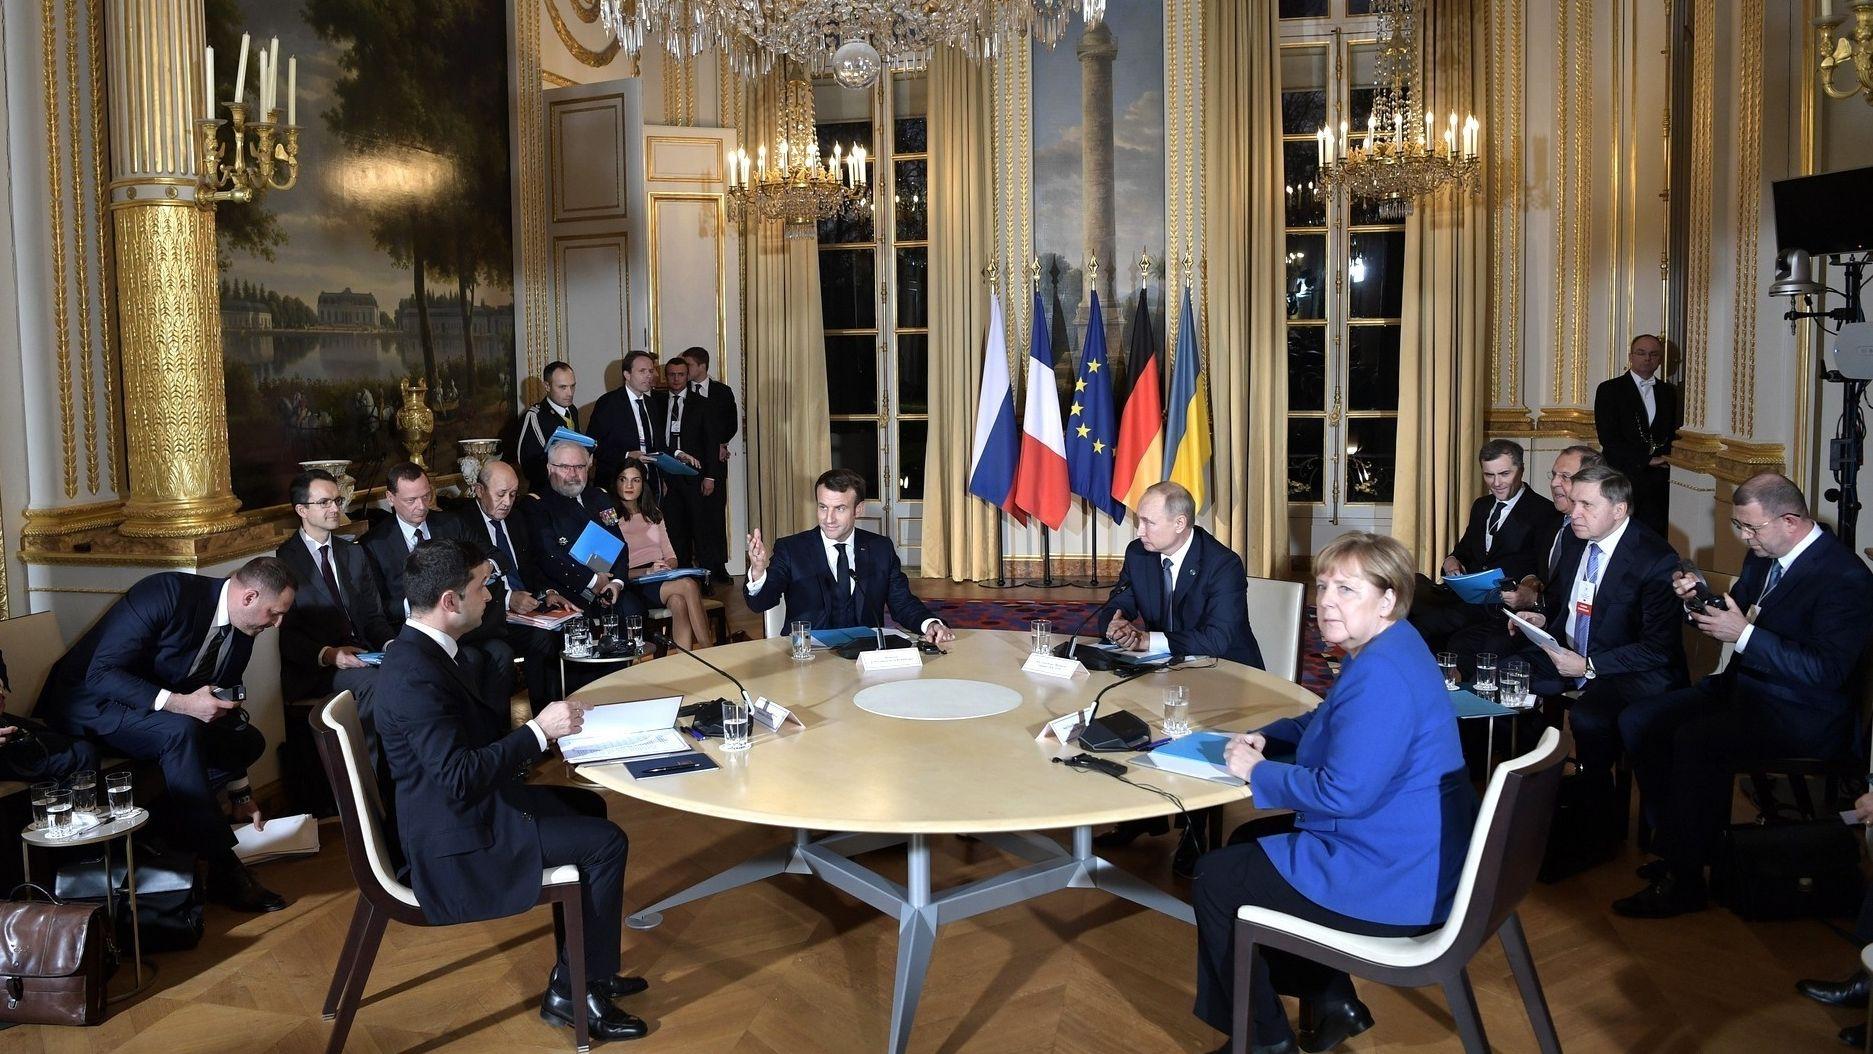 Paris - Treffen Merkel und Putin